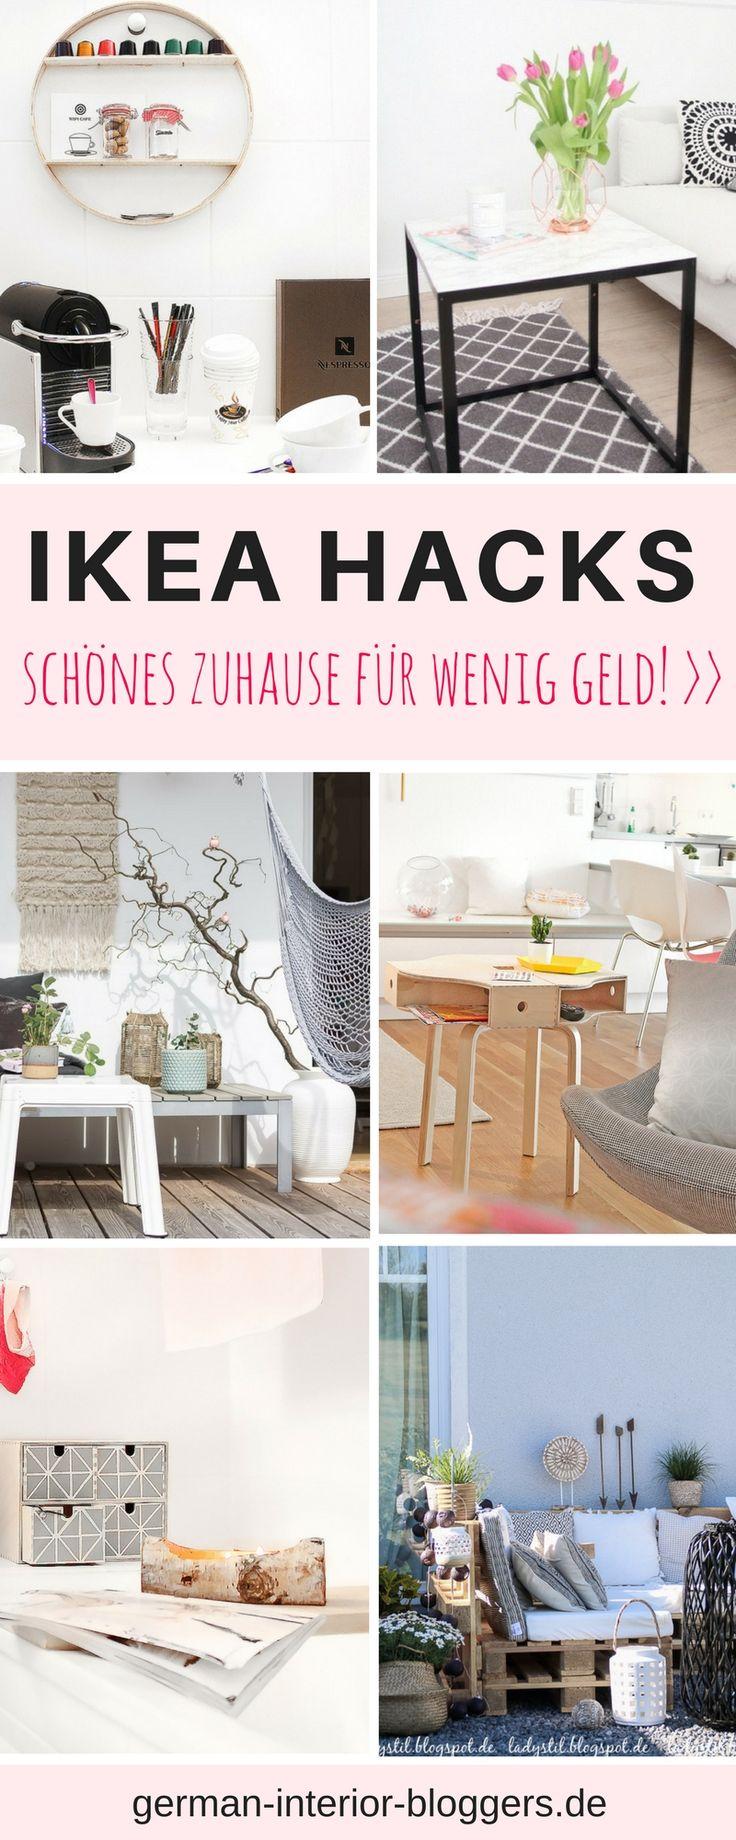 Cute Sch nes Zuhause f r wenig Geld diese genialen Ikea hacks sollte jeder kennen Ikea